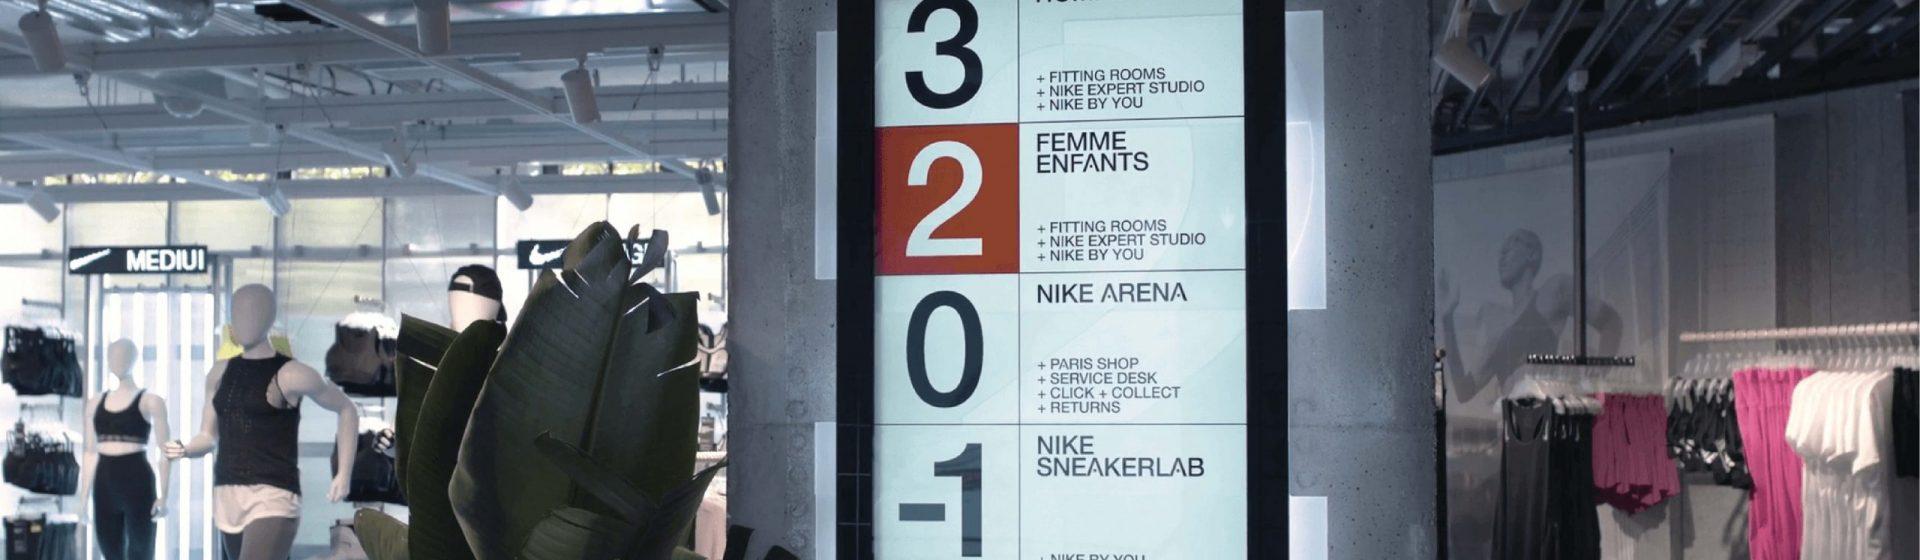 nike website banner-01-01